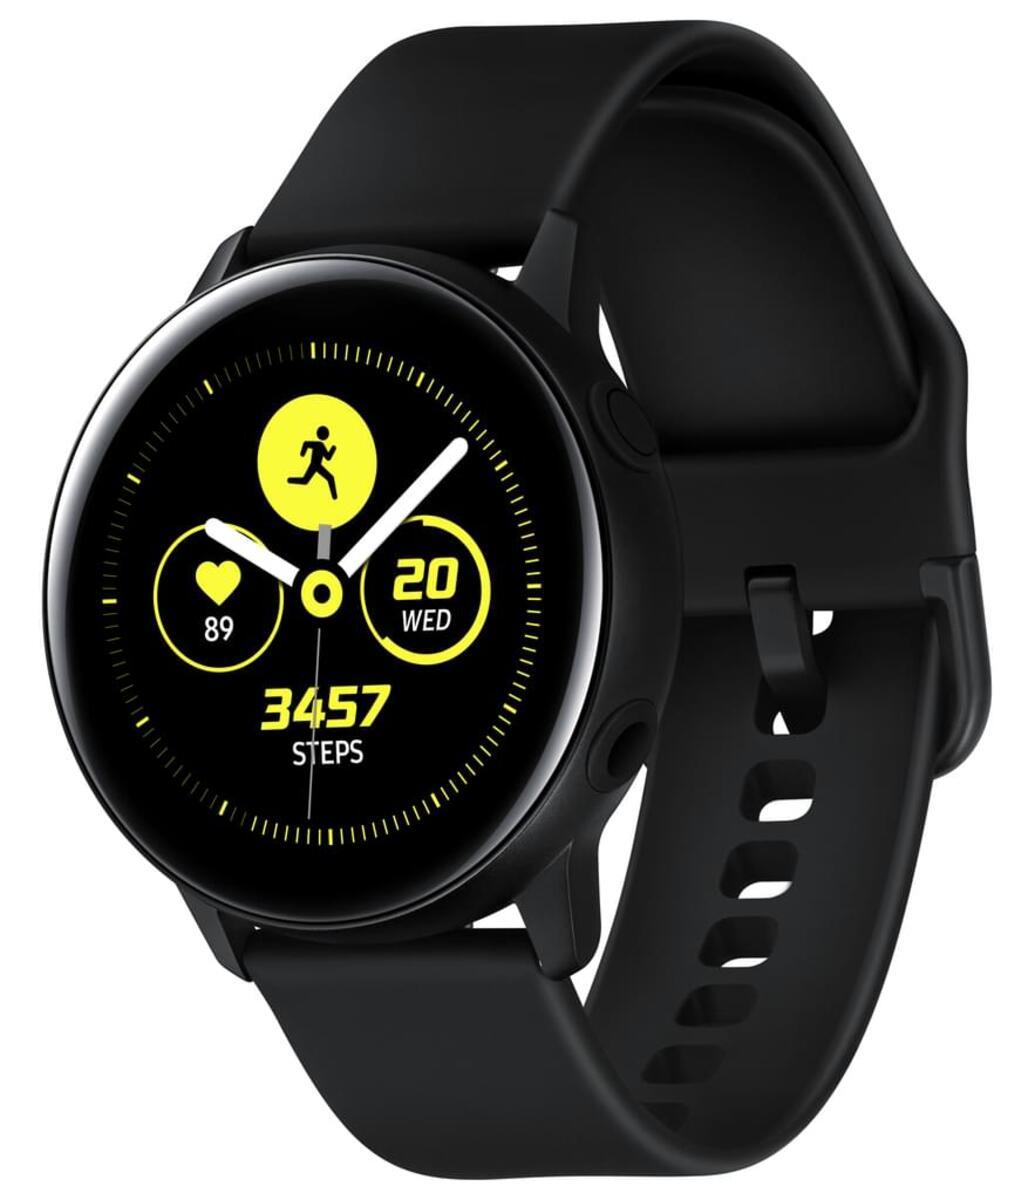 Bild 2 von Samsung SM R500 Galaxy Watch Active schwarz, Farbe:Schwarz